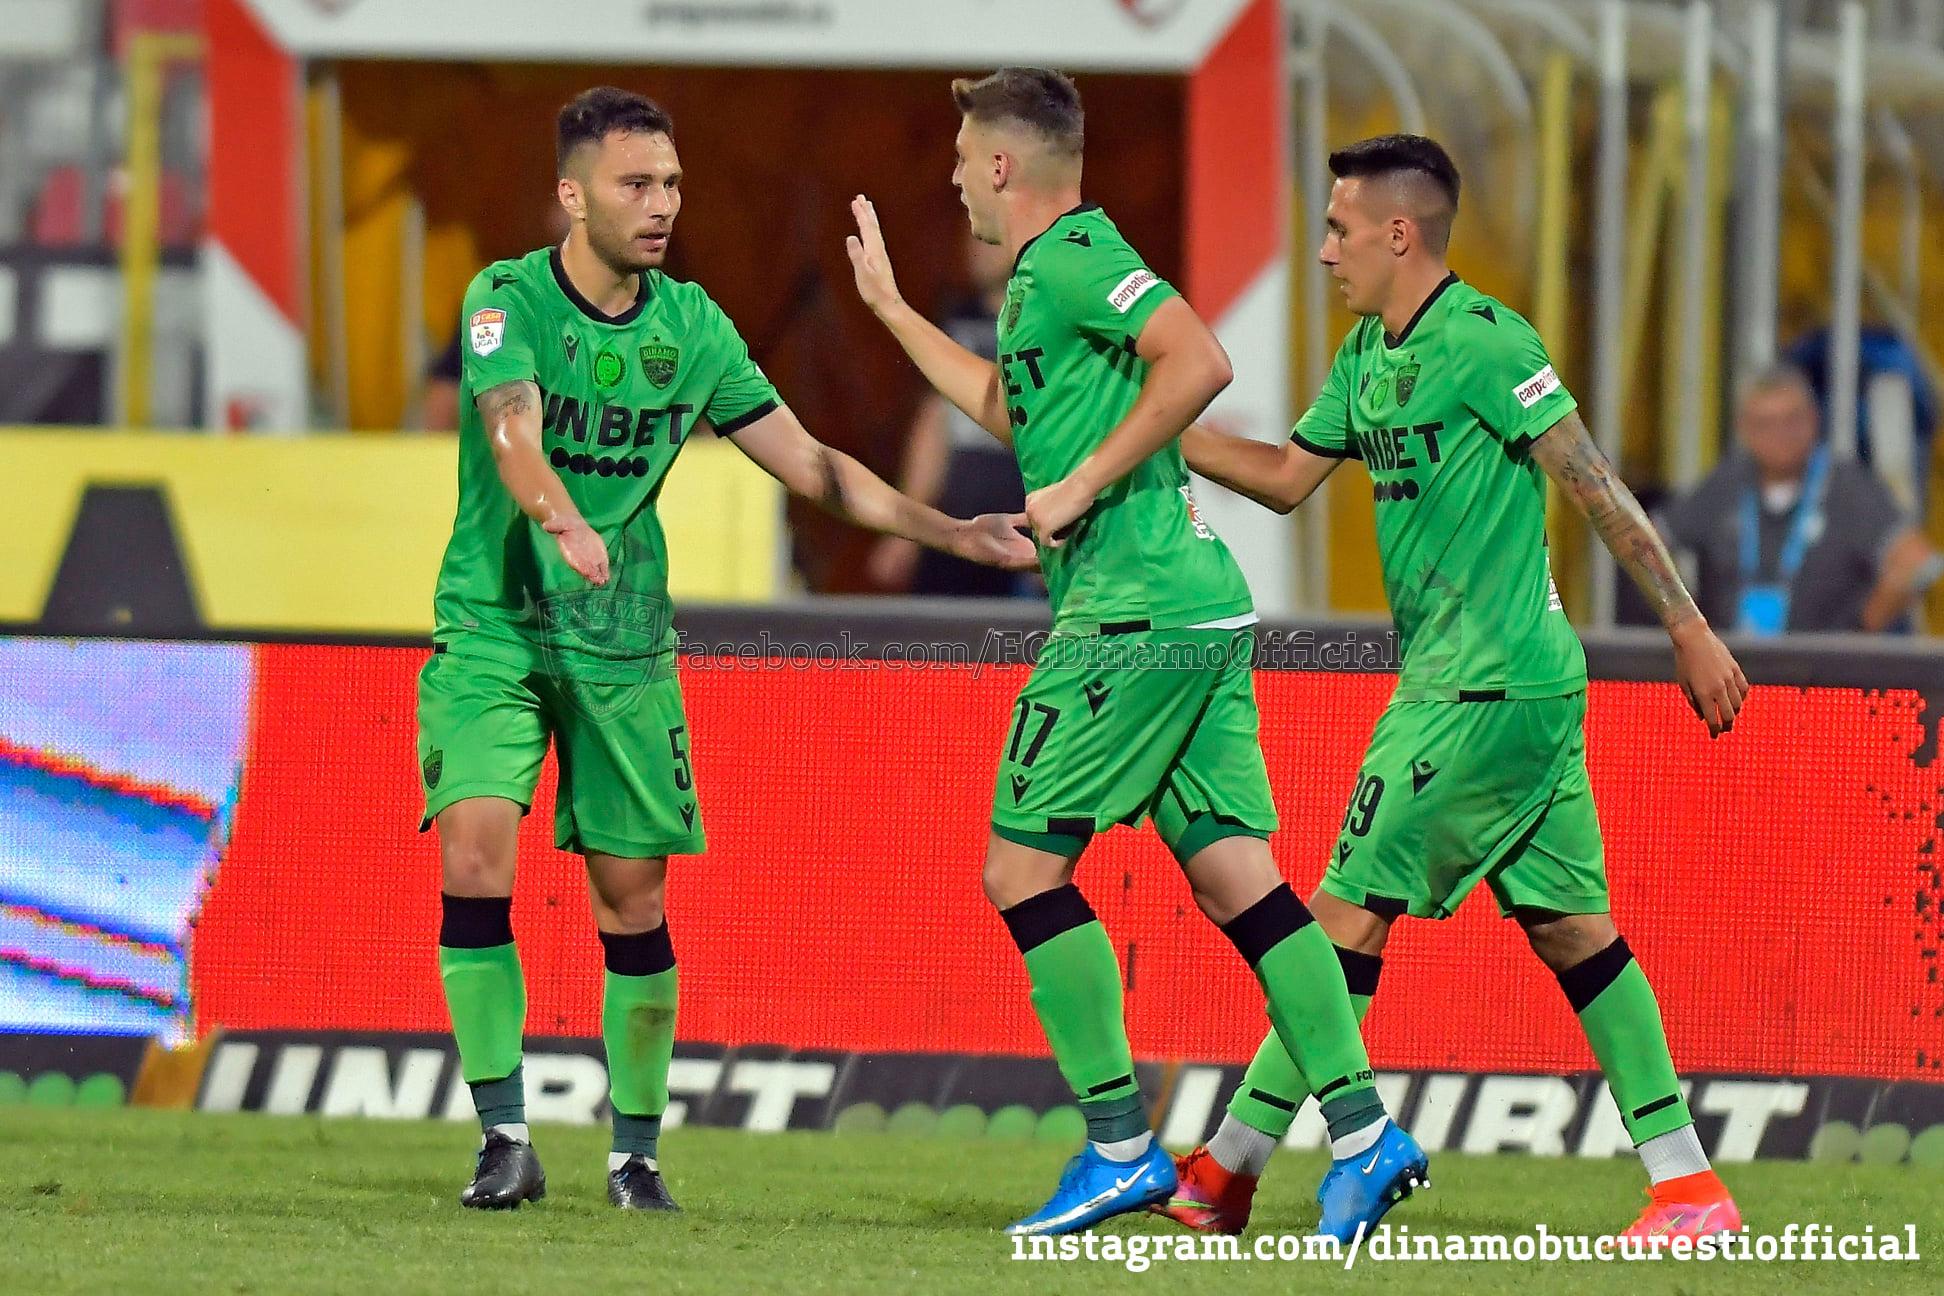 Dinamo, sursa foto: Dinamo/Facebook